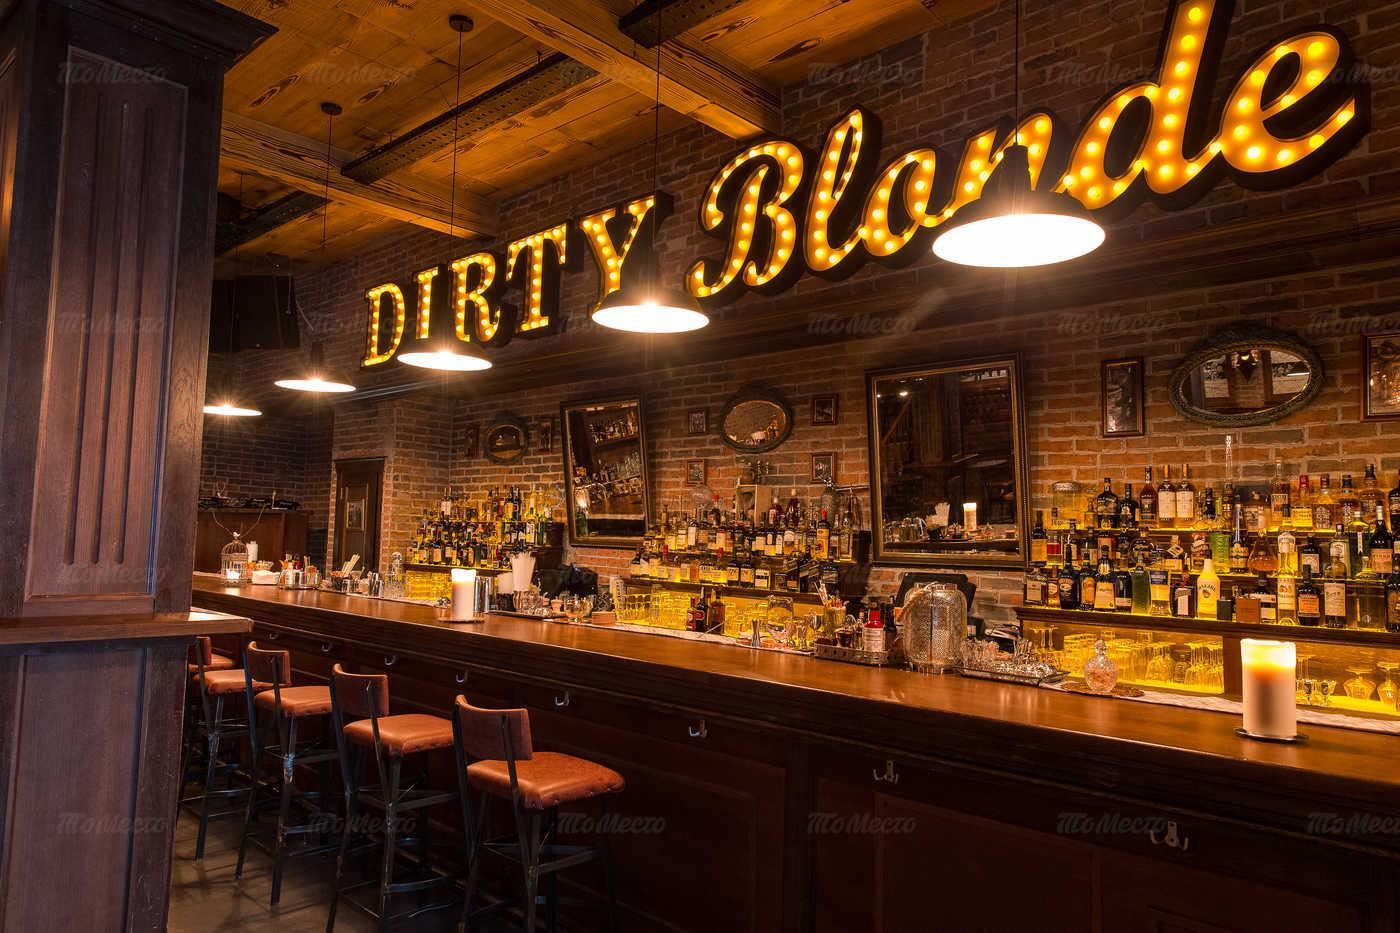 Меню бара Dirty Blonde (бывш. Бар Гадкий койот) на улице Кузнецкий Мост